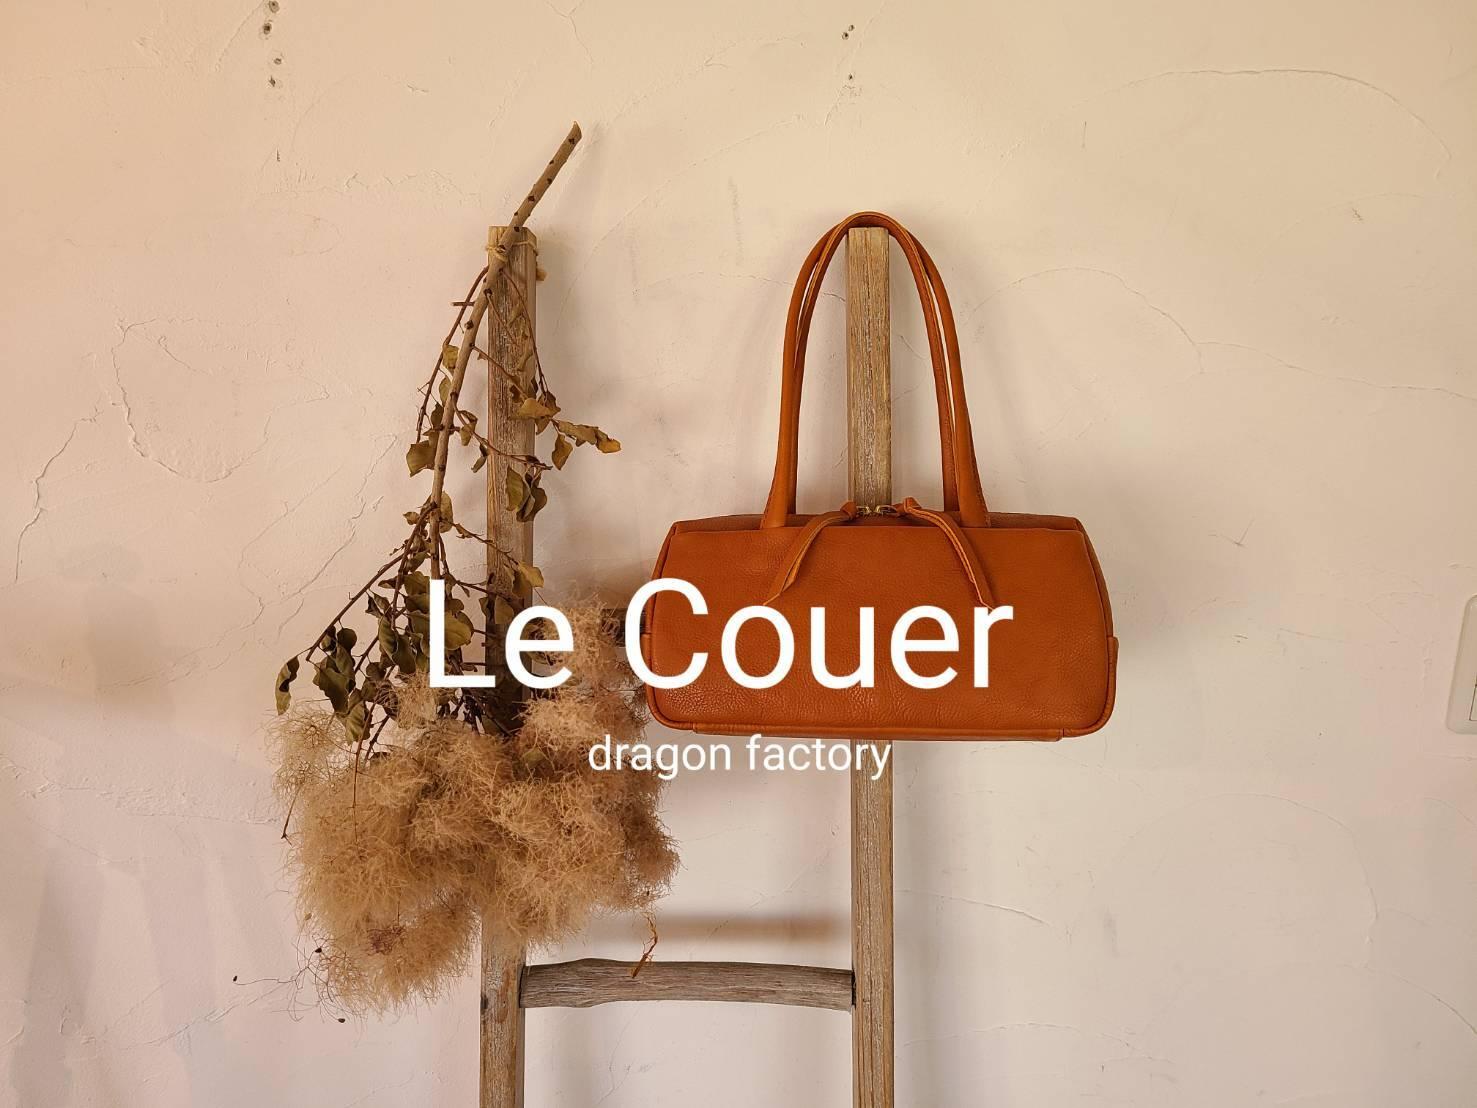 Le Coeur(ル・クール)はフランス語で 『心』を意味します。 商品を通じてお客様に作り手の想いが 伝わりますように✿  そんな願いがブランド名に 込められています。